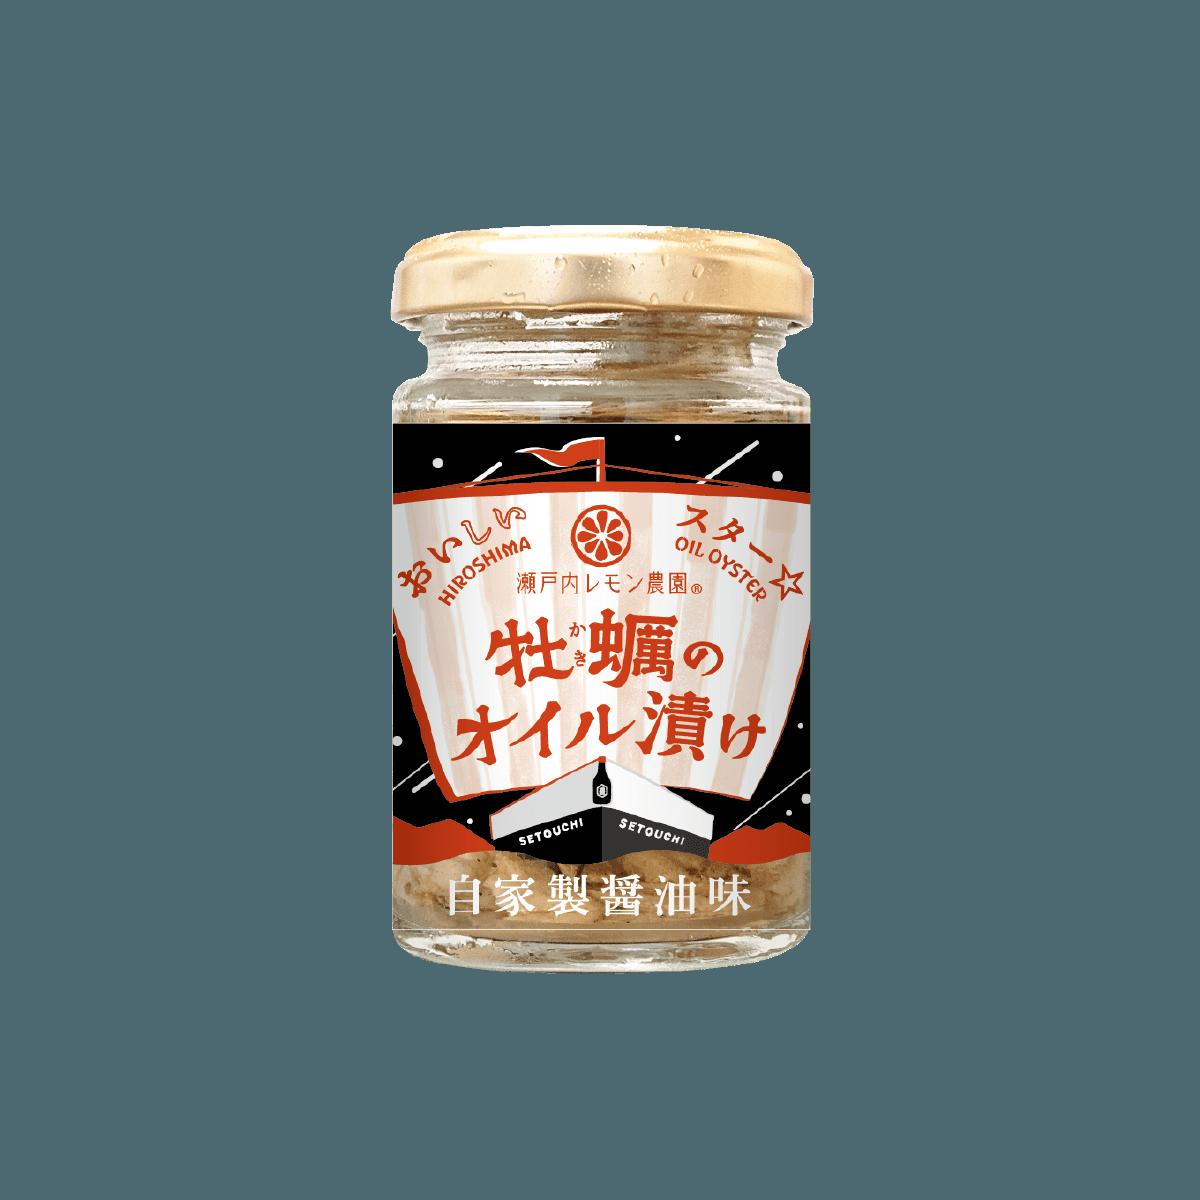 おいしいスター 牡蠣のオイル漬け 自家製醤油味